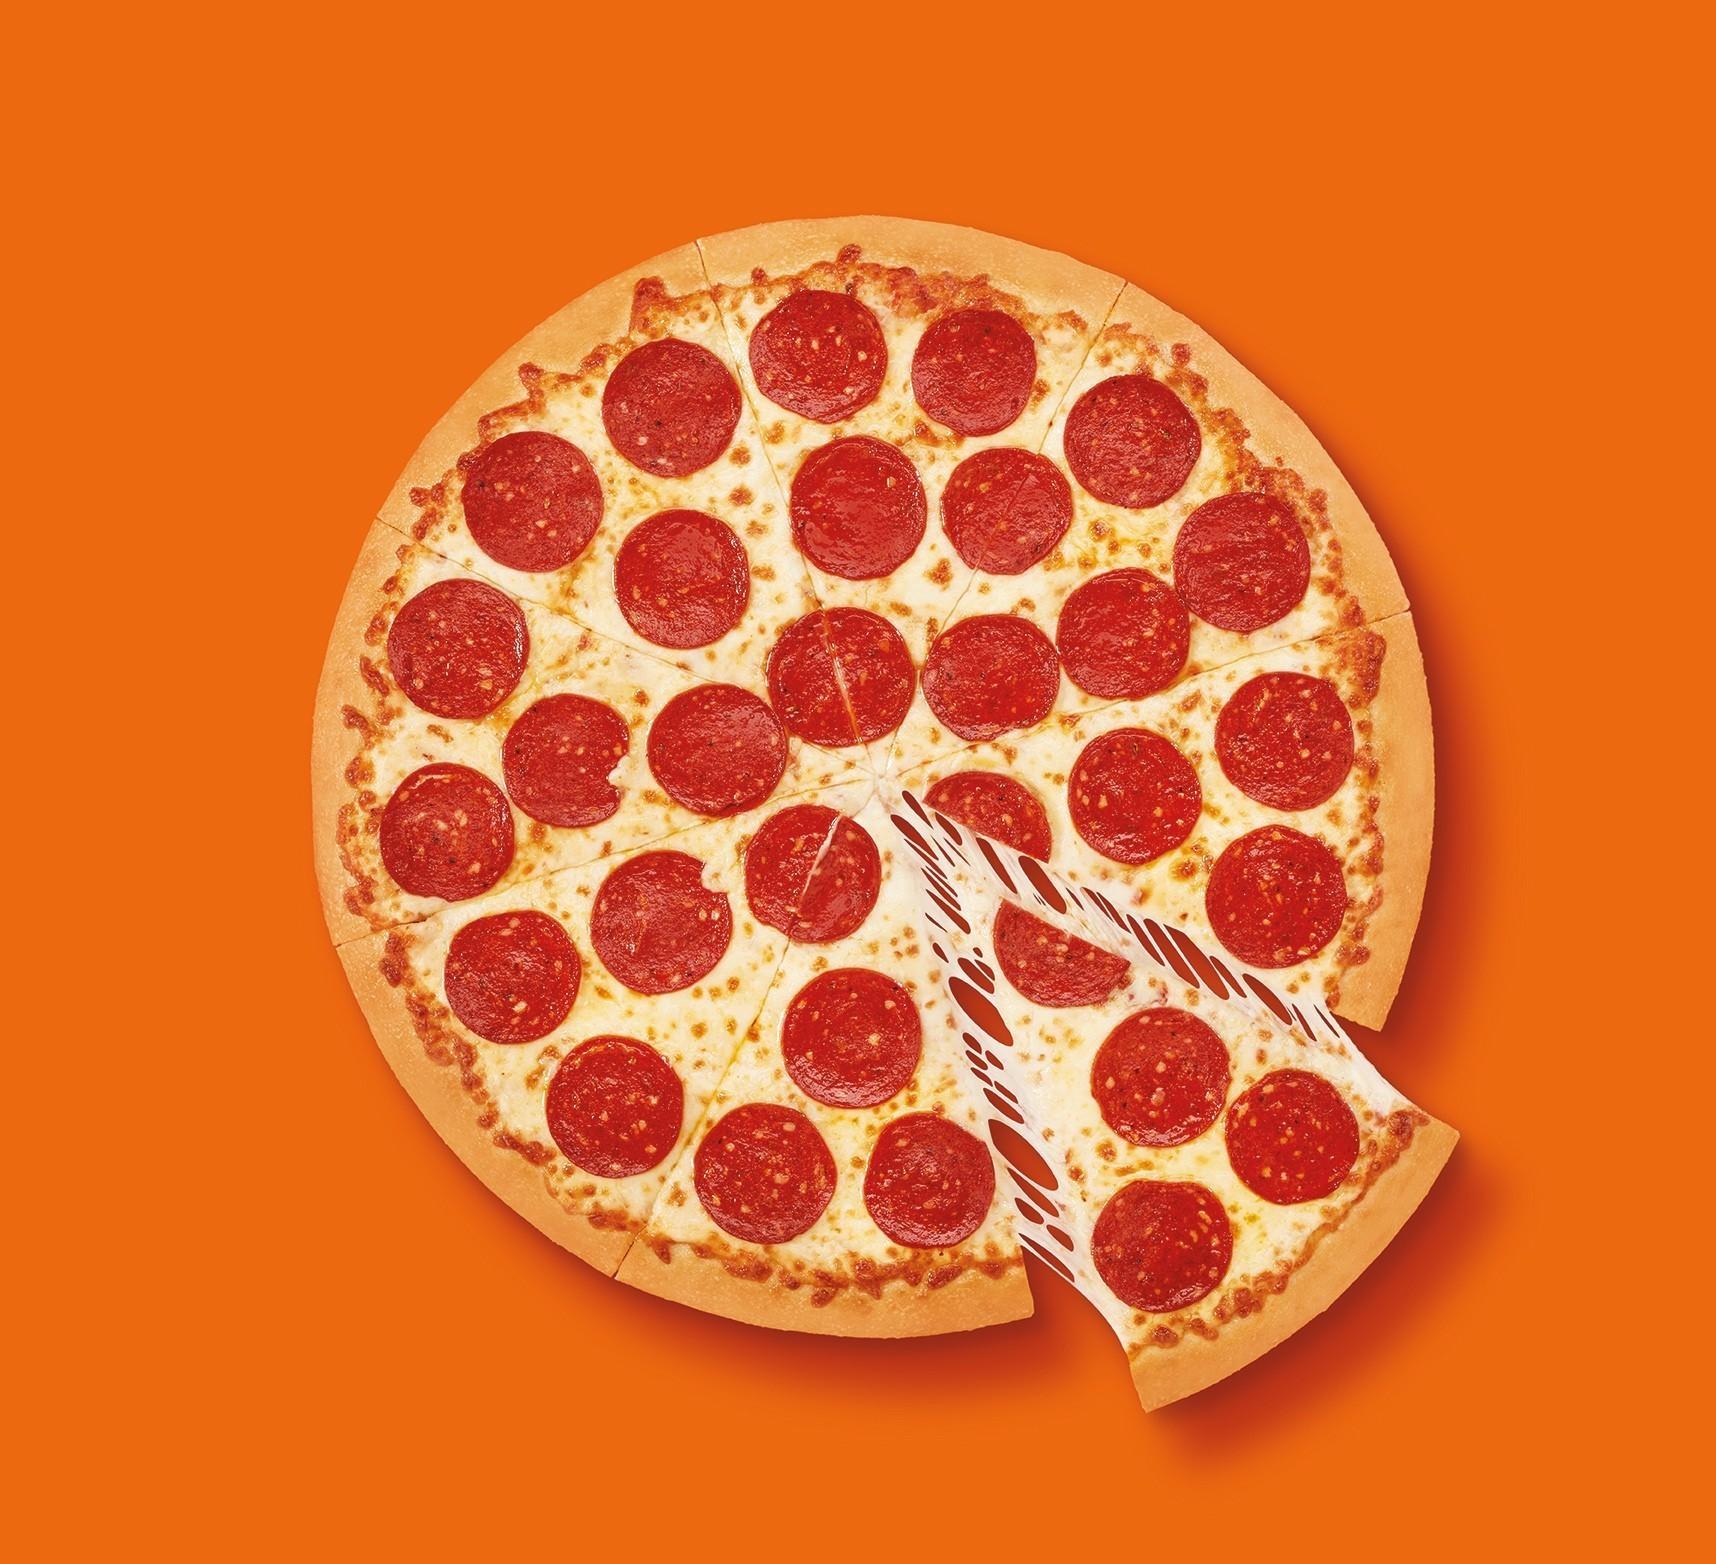 VegNews.LittleCaesers.VeganPepperoniPizza5